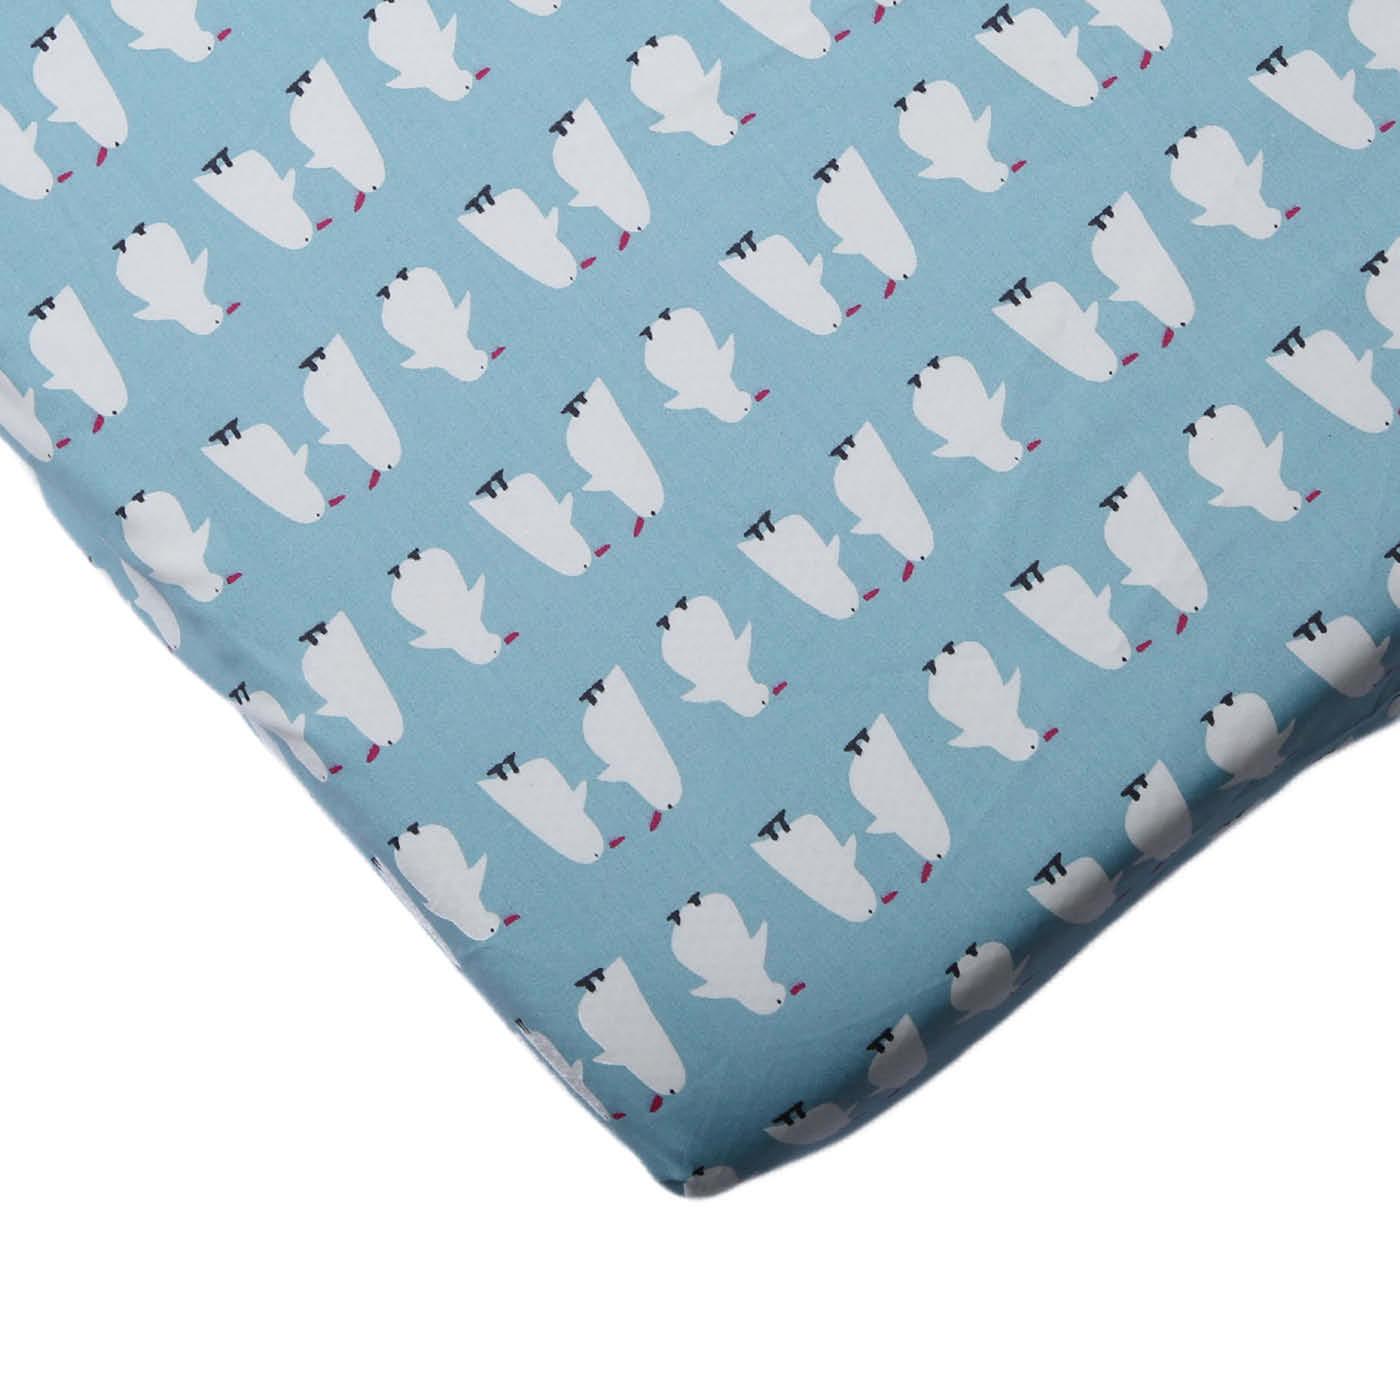 סדין למיטת תינוק - דגם פינגווין פרימיום